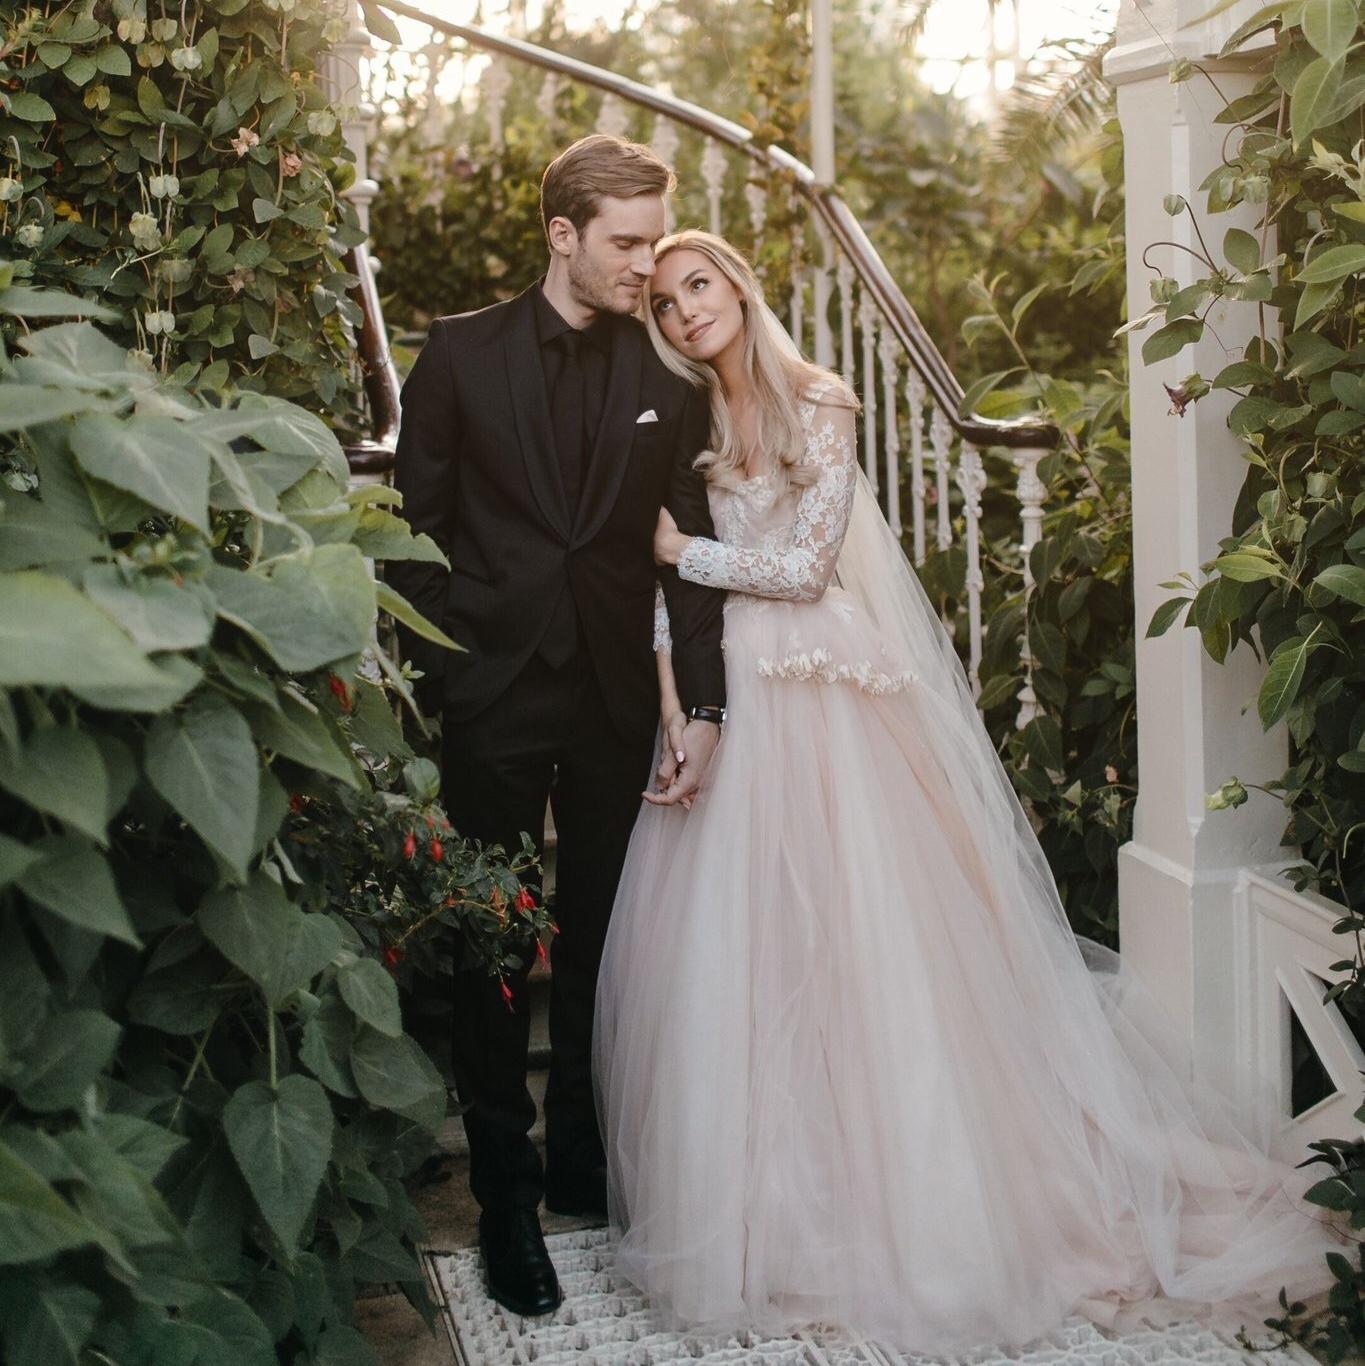 Momen�PewDiePie menikah dengan�Marzia Bisognin di�di Kew Gardens London Barat. (Foto: twitter�PewDiePie)